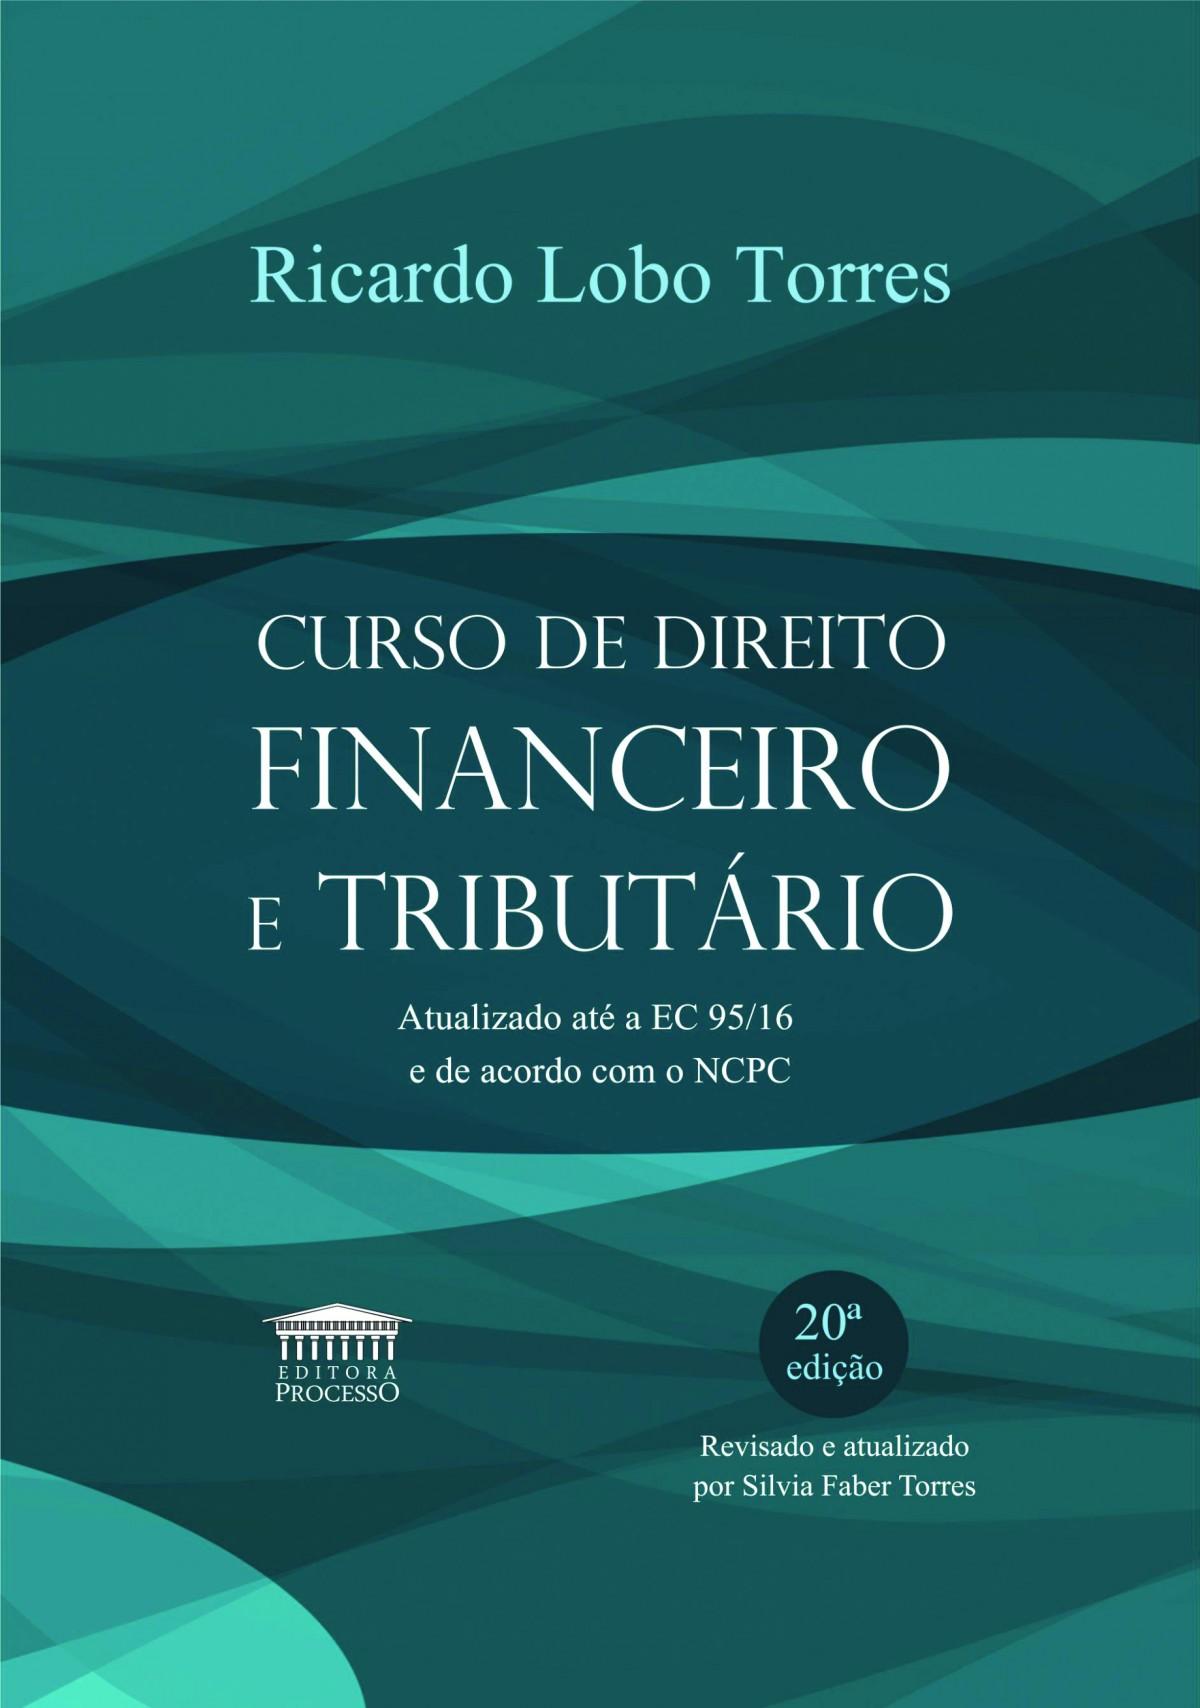 Foto 1 - Curso de Direito Financeiro e Tributário, 20 Ed.